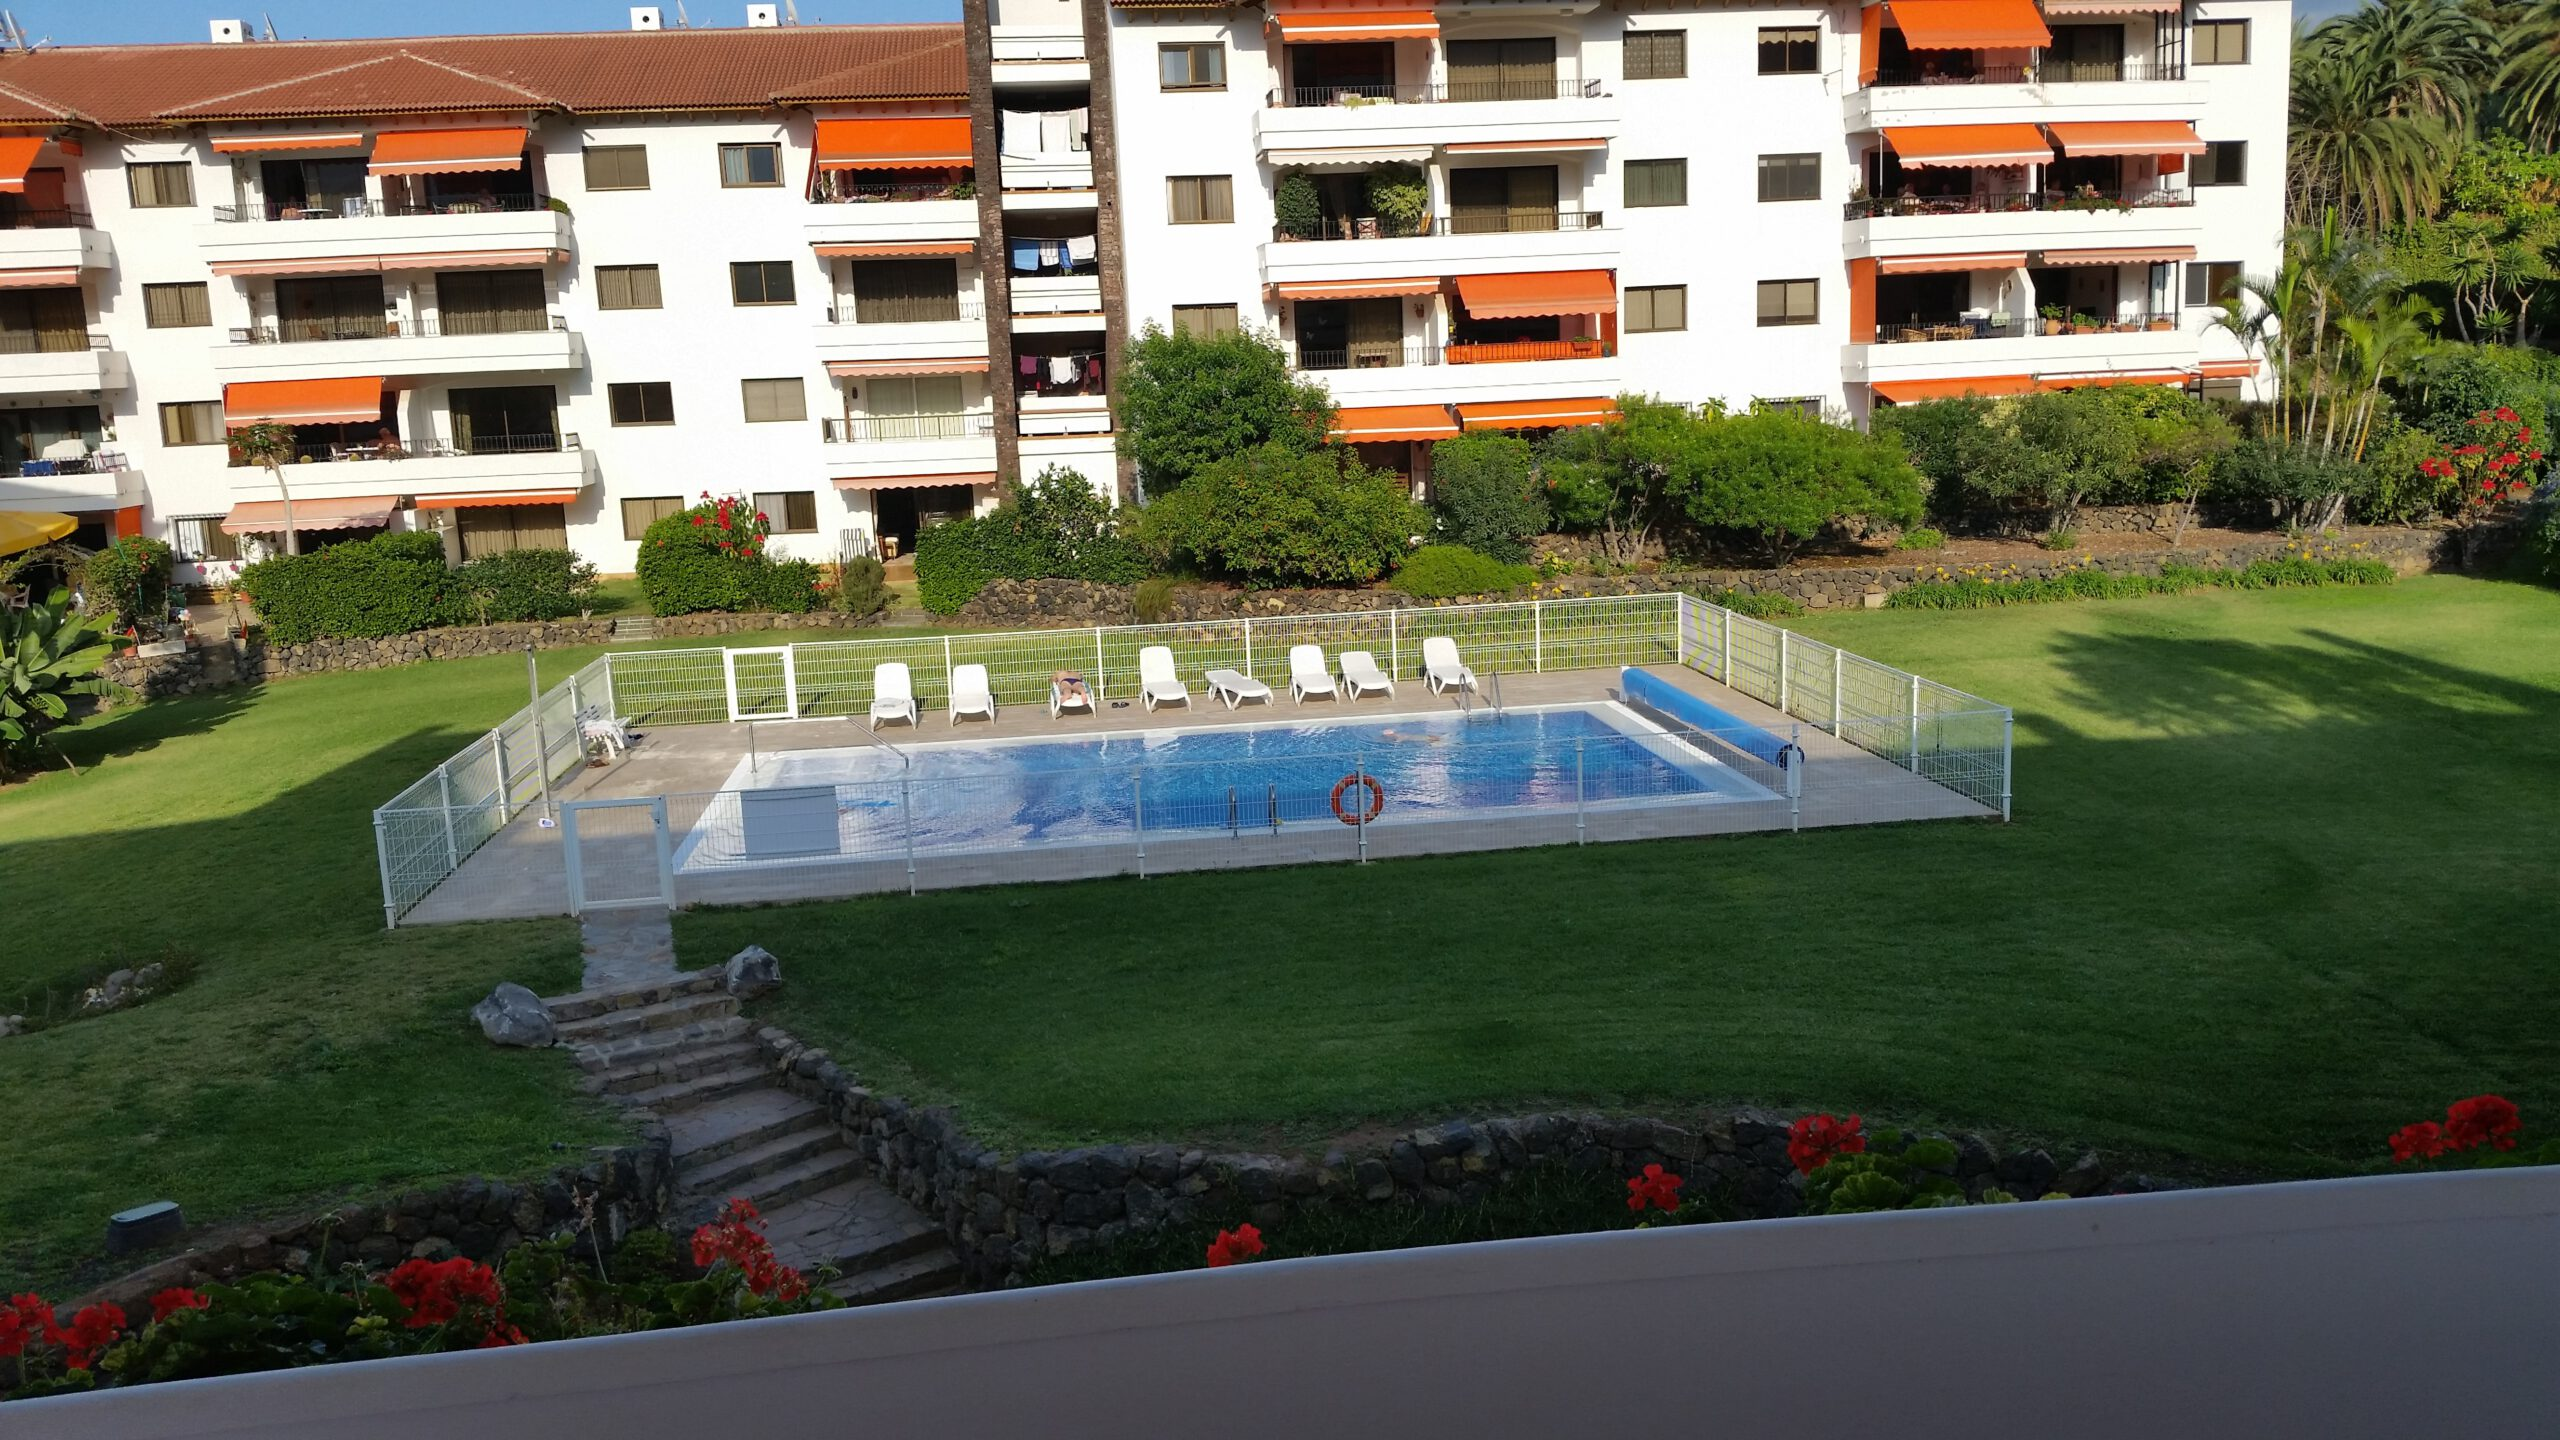 Ferienwohnung Teneriffa mit Pool